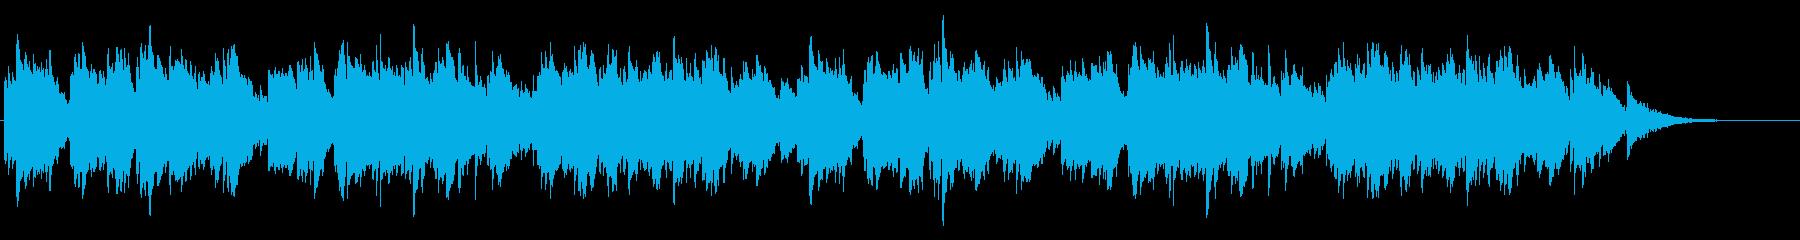 ピアノとオルゴール 優しいの再生済みの波形